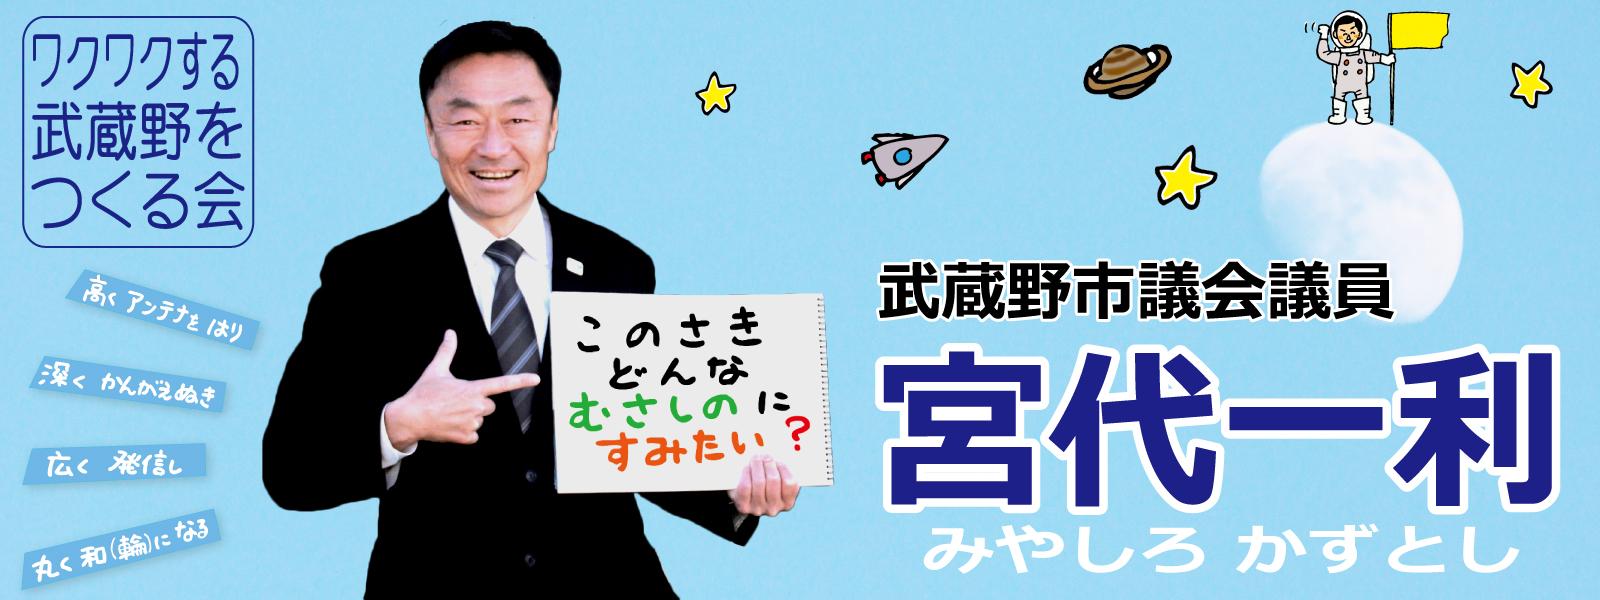 武蔵野市議会議員 宮代一利とワクワクする武蔵野をつくる会HP画像